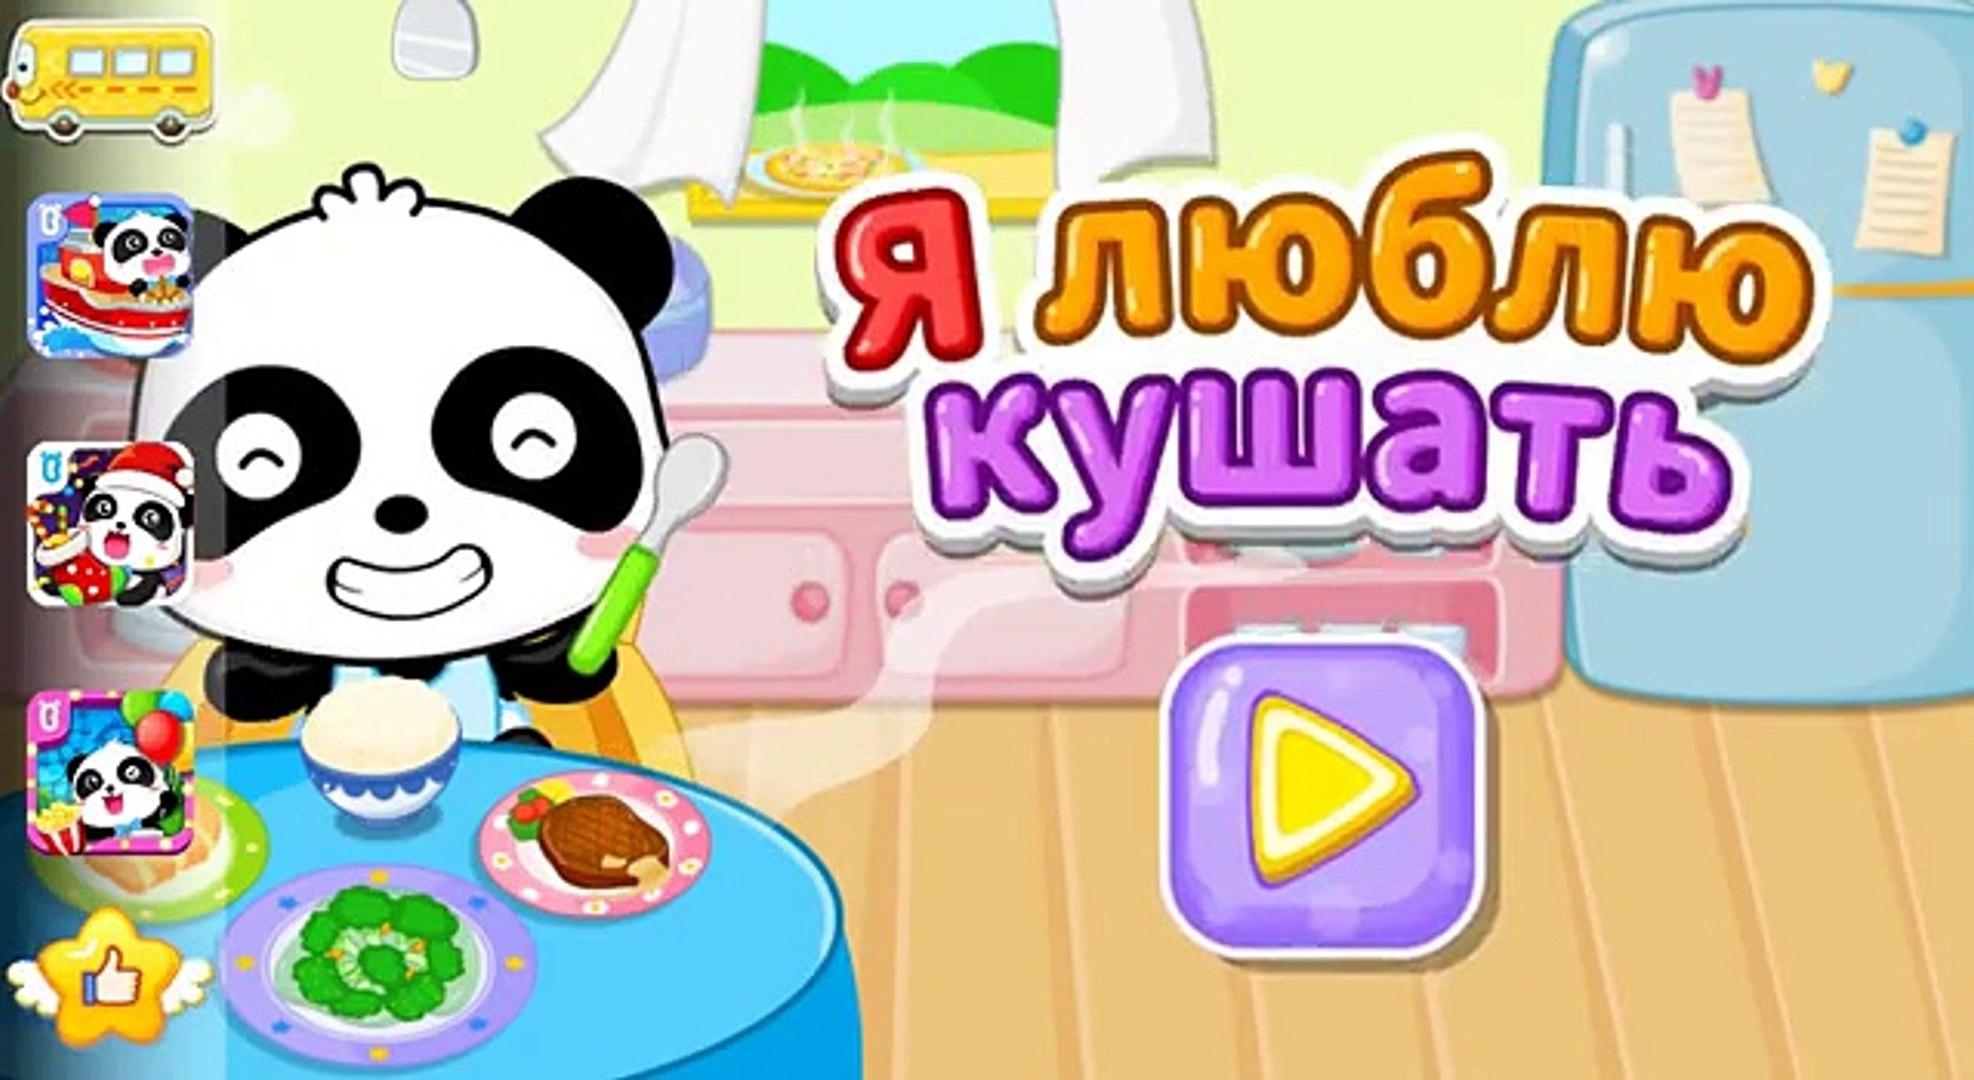 Healthy Eater Малыш бэби Панда Я люблю кушать Веселый развивающий мультик про панду